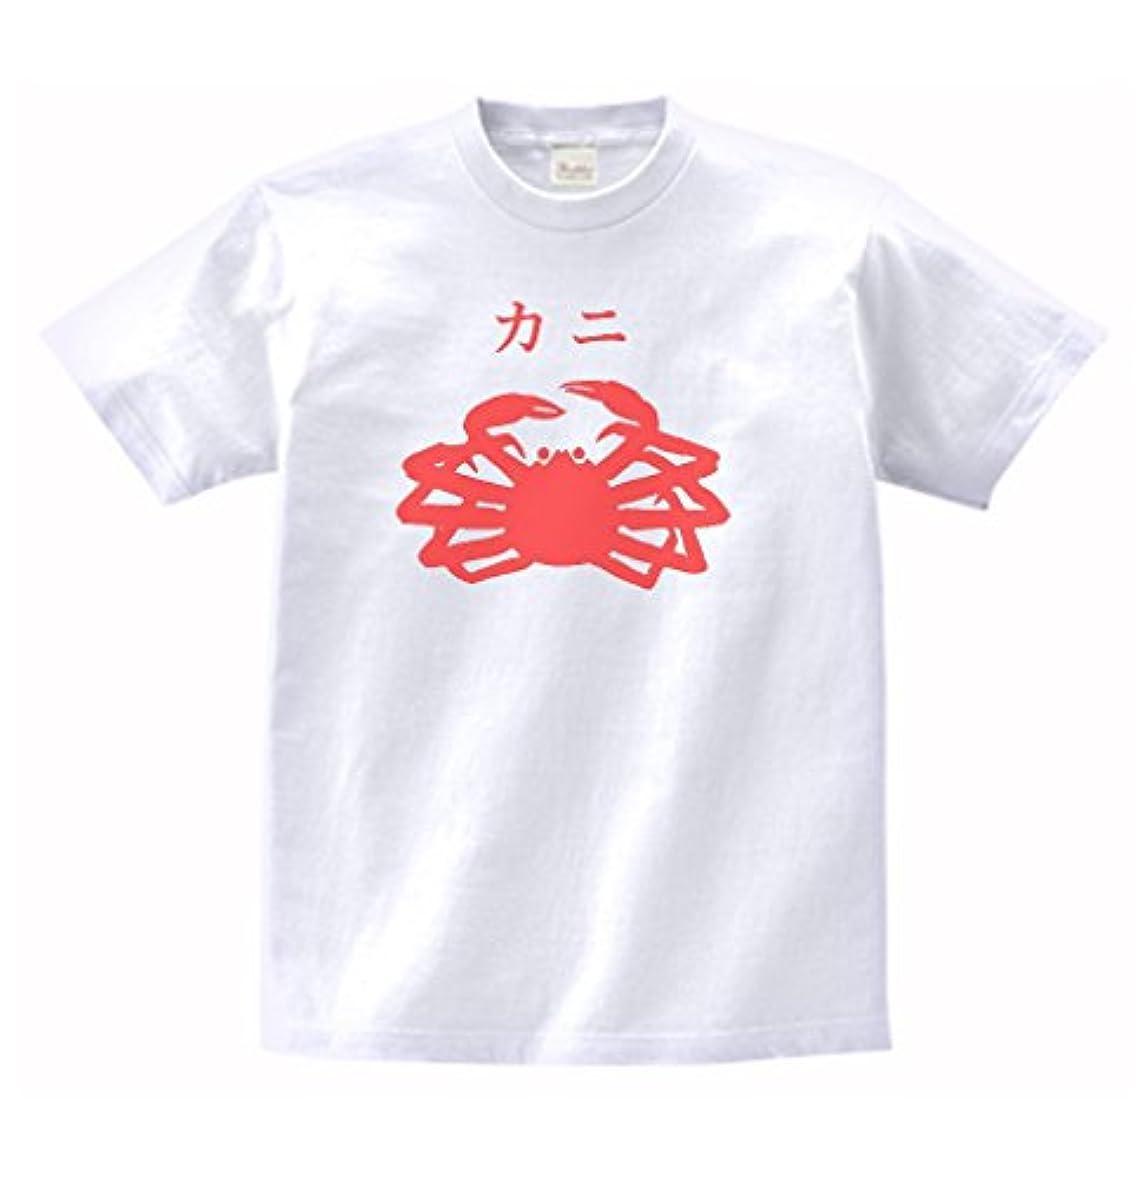 補助航空機くつろぐ【ノーブランド品】 おもしろ 生き物 Tシャツ カニ 白 MLサイズ